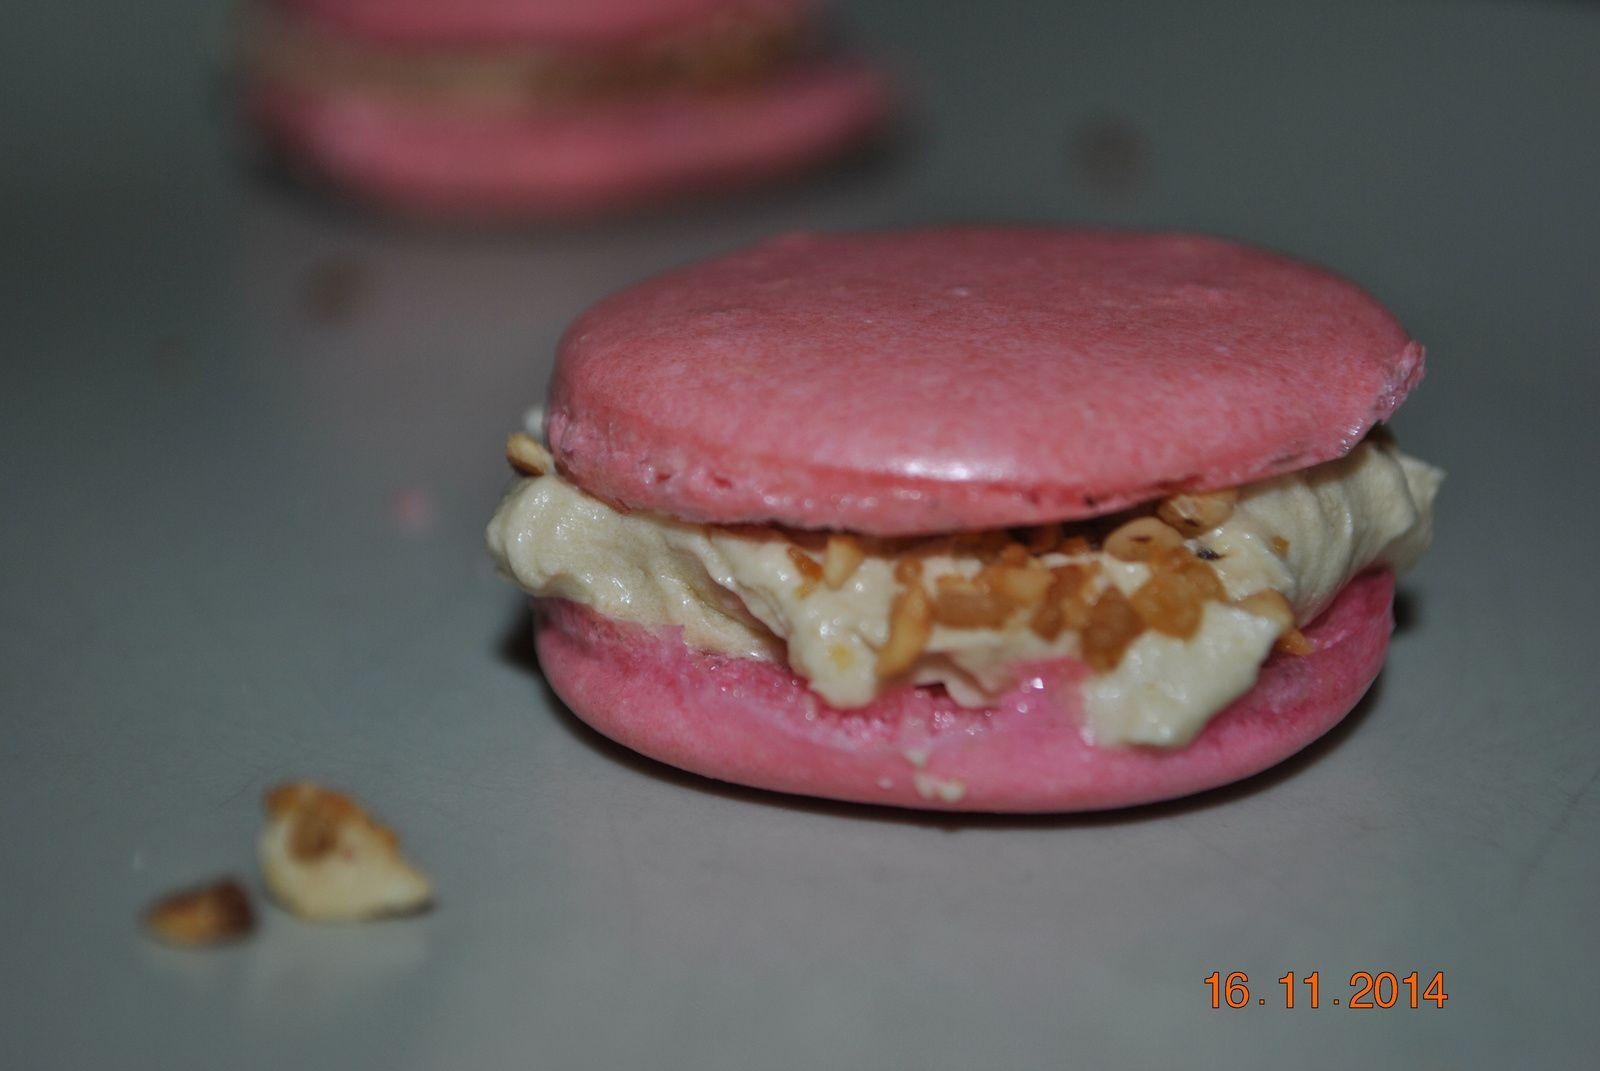 j'ai fais des coques de macarons que ma petite soeur a garnis de crème et de pralin! Elle a fait ça comme un chef :)